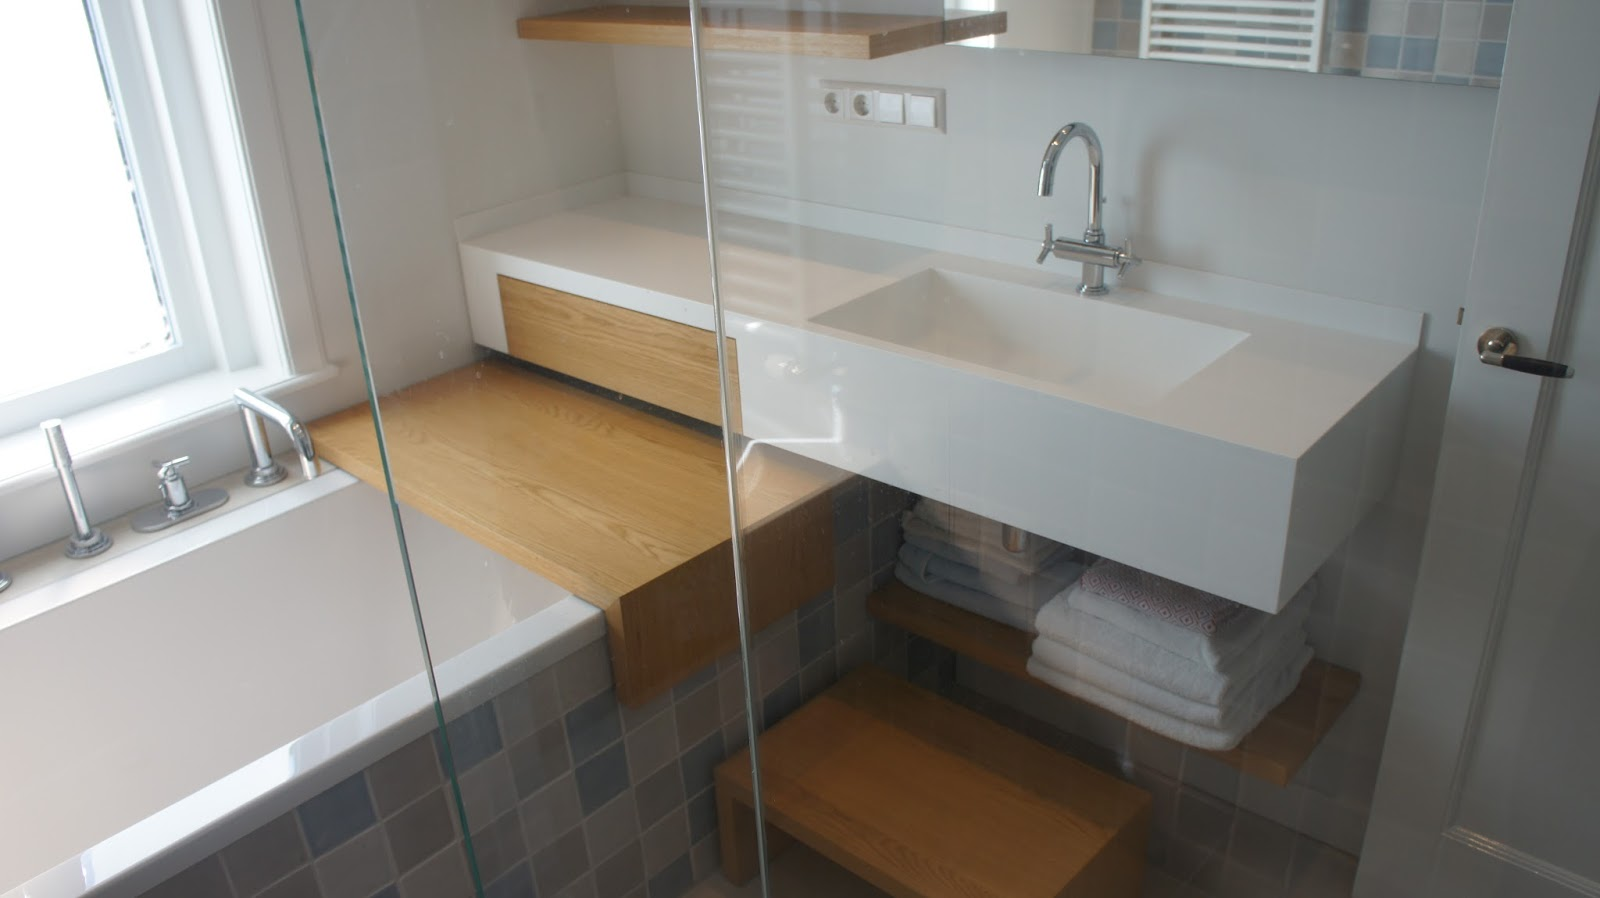 Multifunctionele badkamer in kleine ruimte blog startpagina voor tuin idee n uw - Kleur idee ruimte zen bad ...